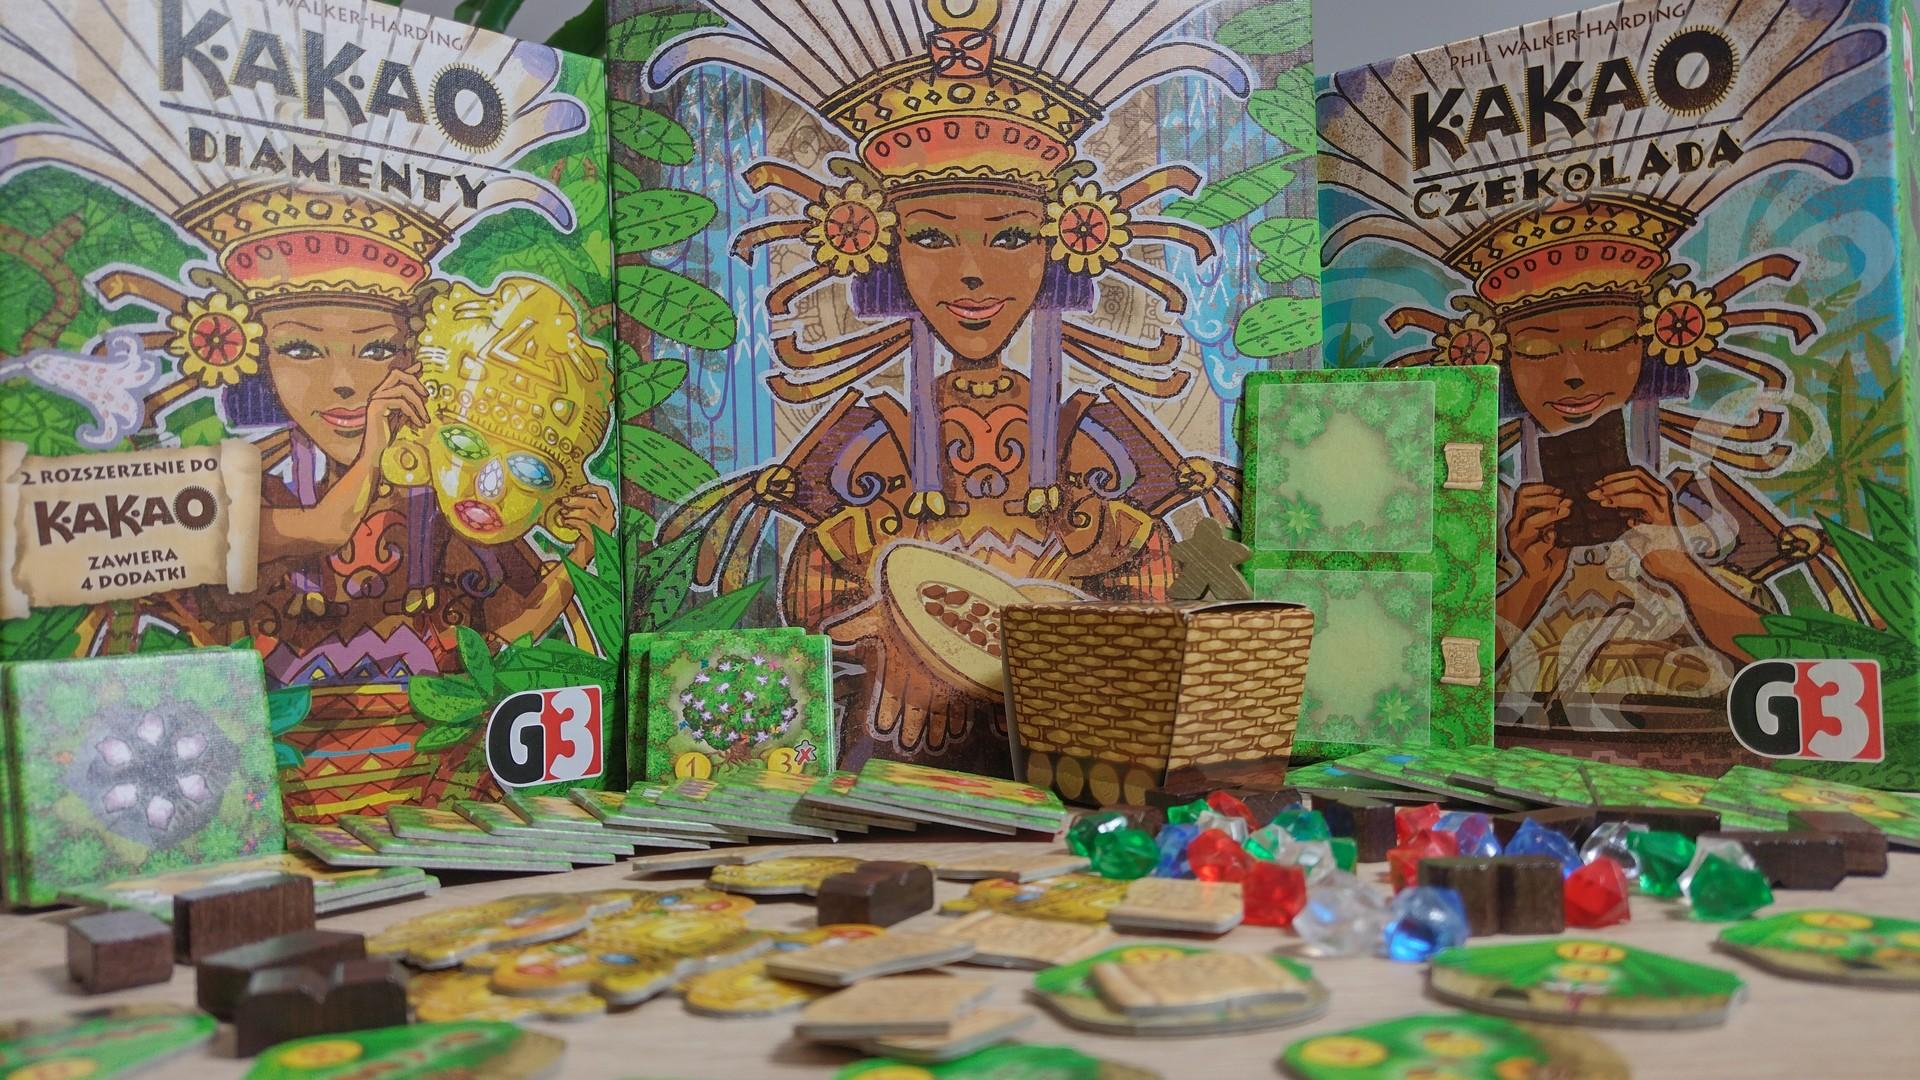 Kakao: Diamenty - recenzja